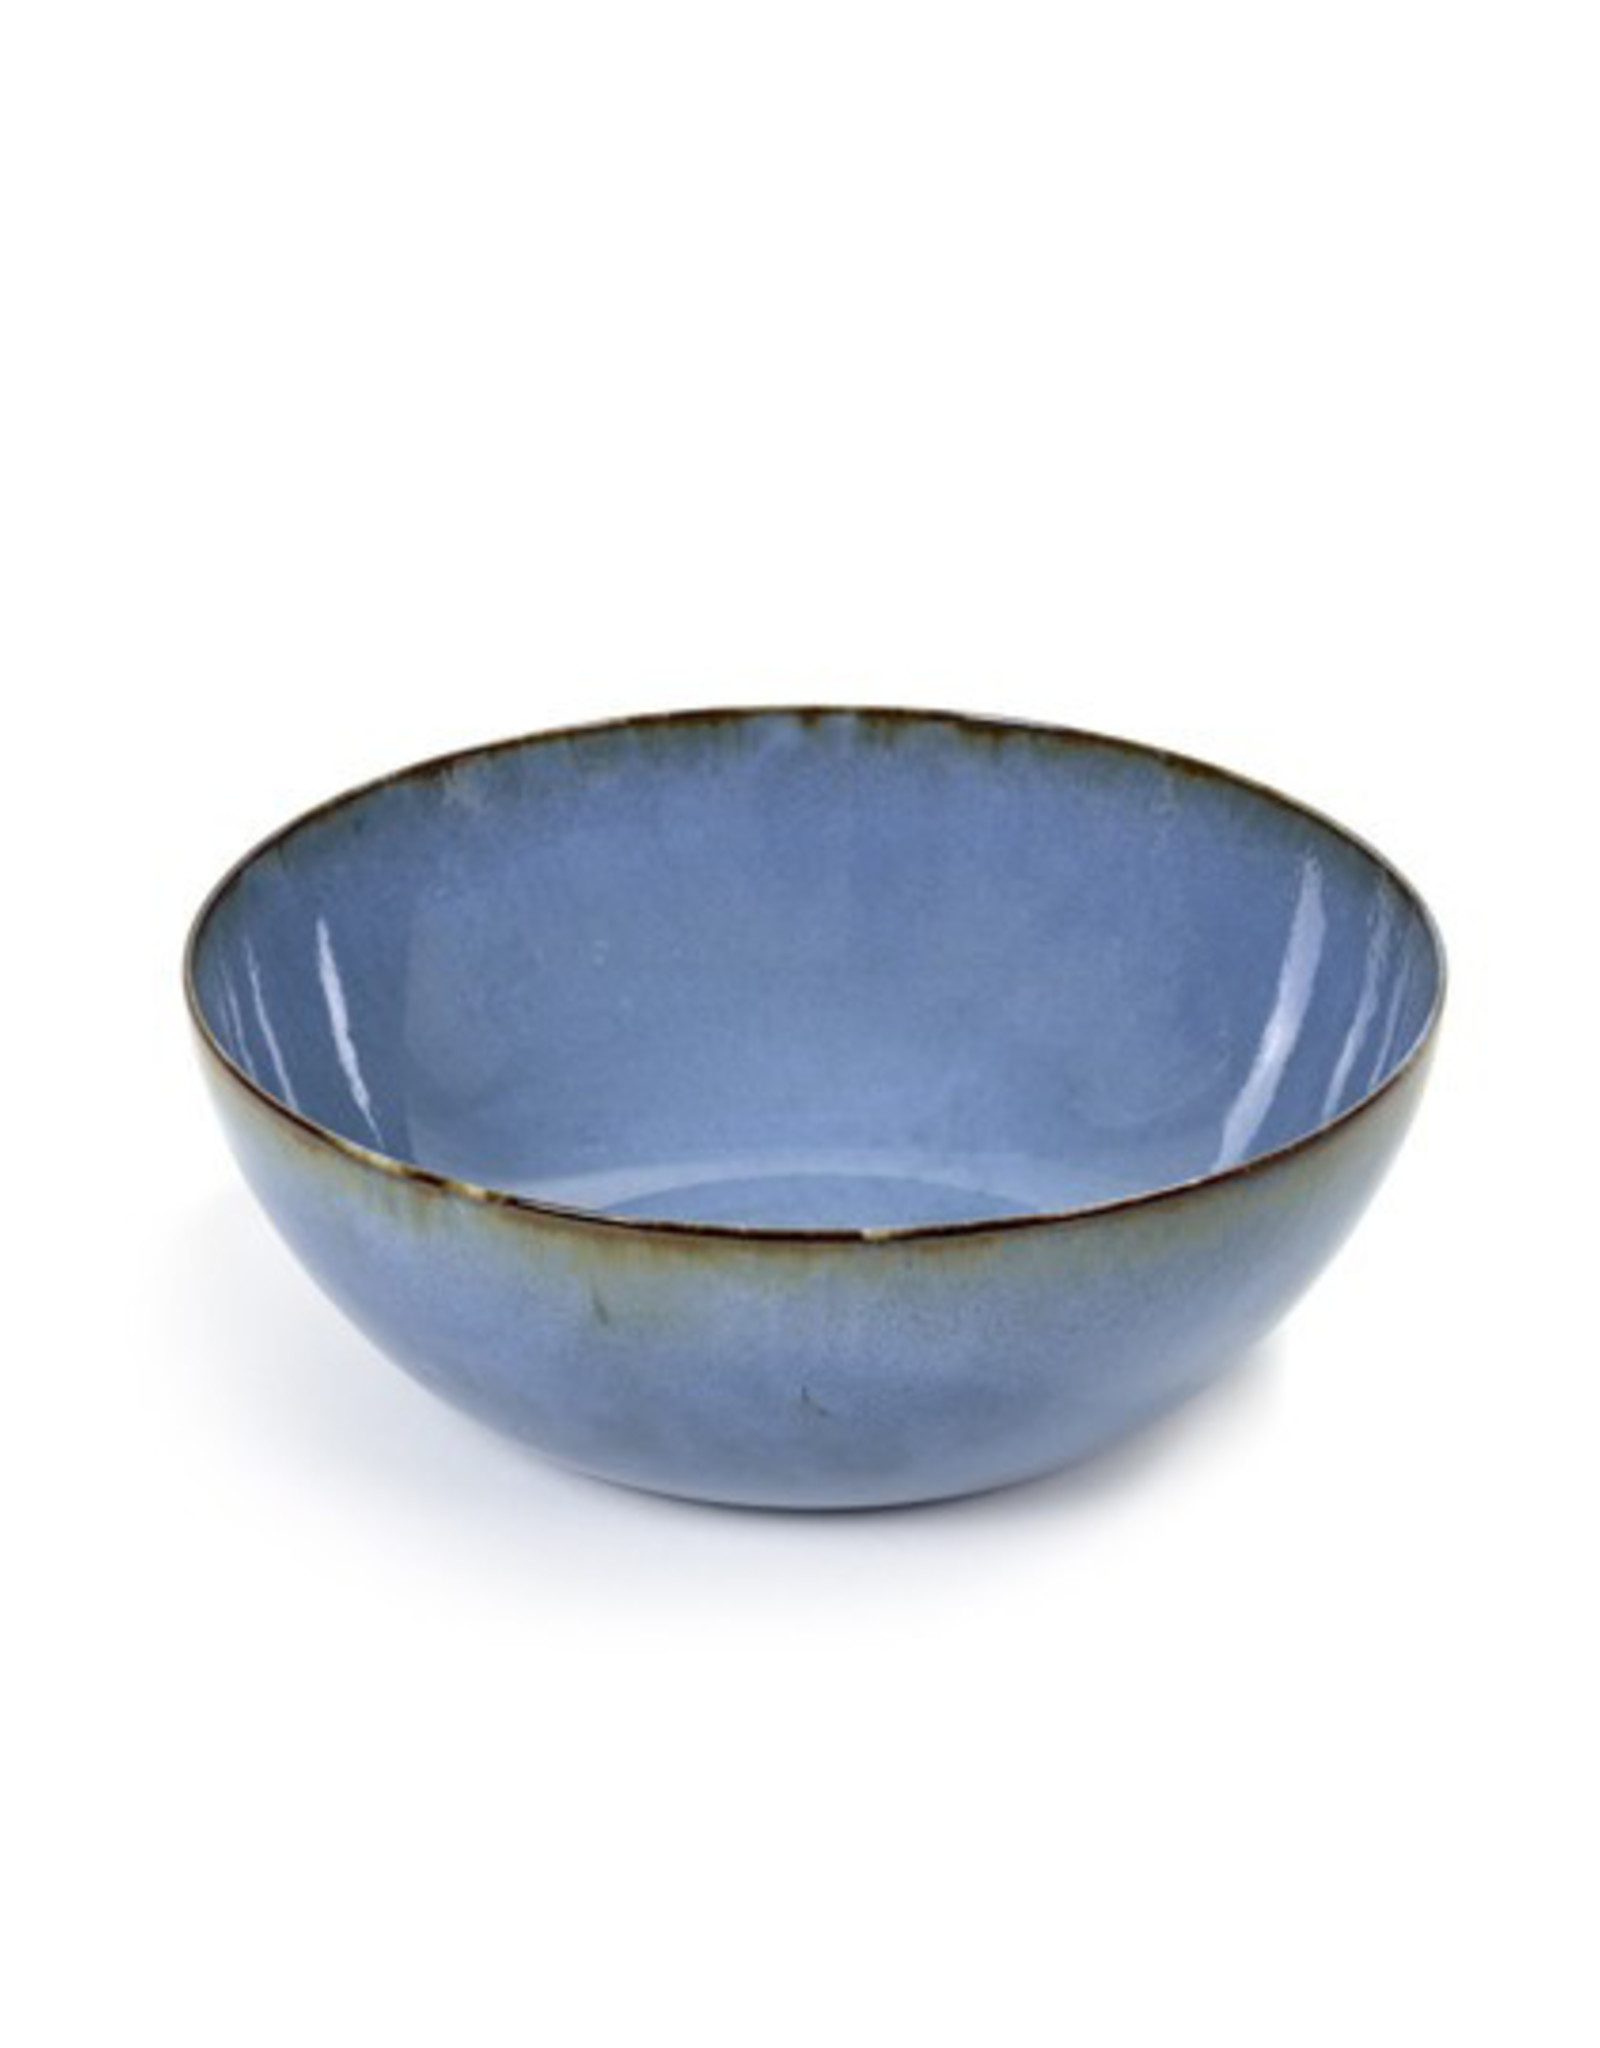 Serax NV SALAD BOWL SMOKEY BLUE